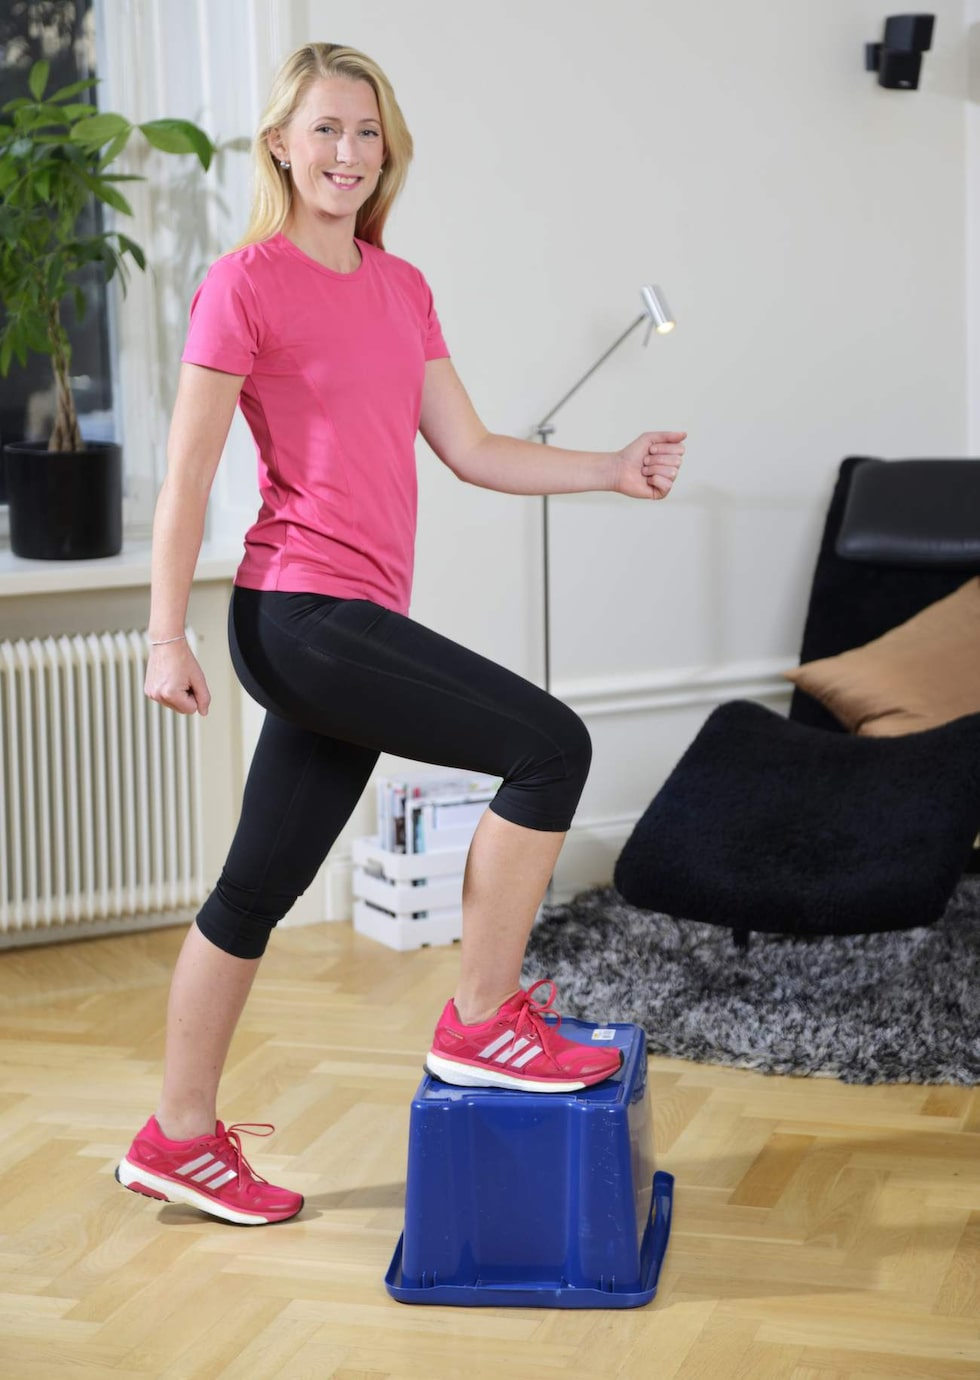 4. TrappstegAnvänd ett trappsteg, låg pall/låda eller liknande. Kliv upp med vänsterfoten på lådan och res dig sedan upp så att du står på lådan. Gå sakta ned igen med samma ben som du gick upp med. Gör nu om samma procedur fast med höger ben. Upprepa 15 gånger på varje ben.